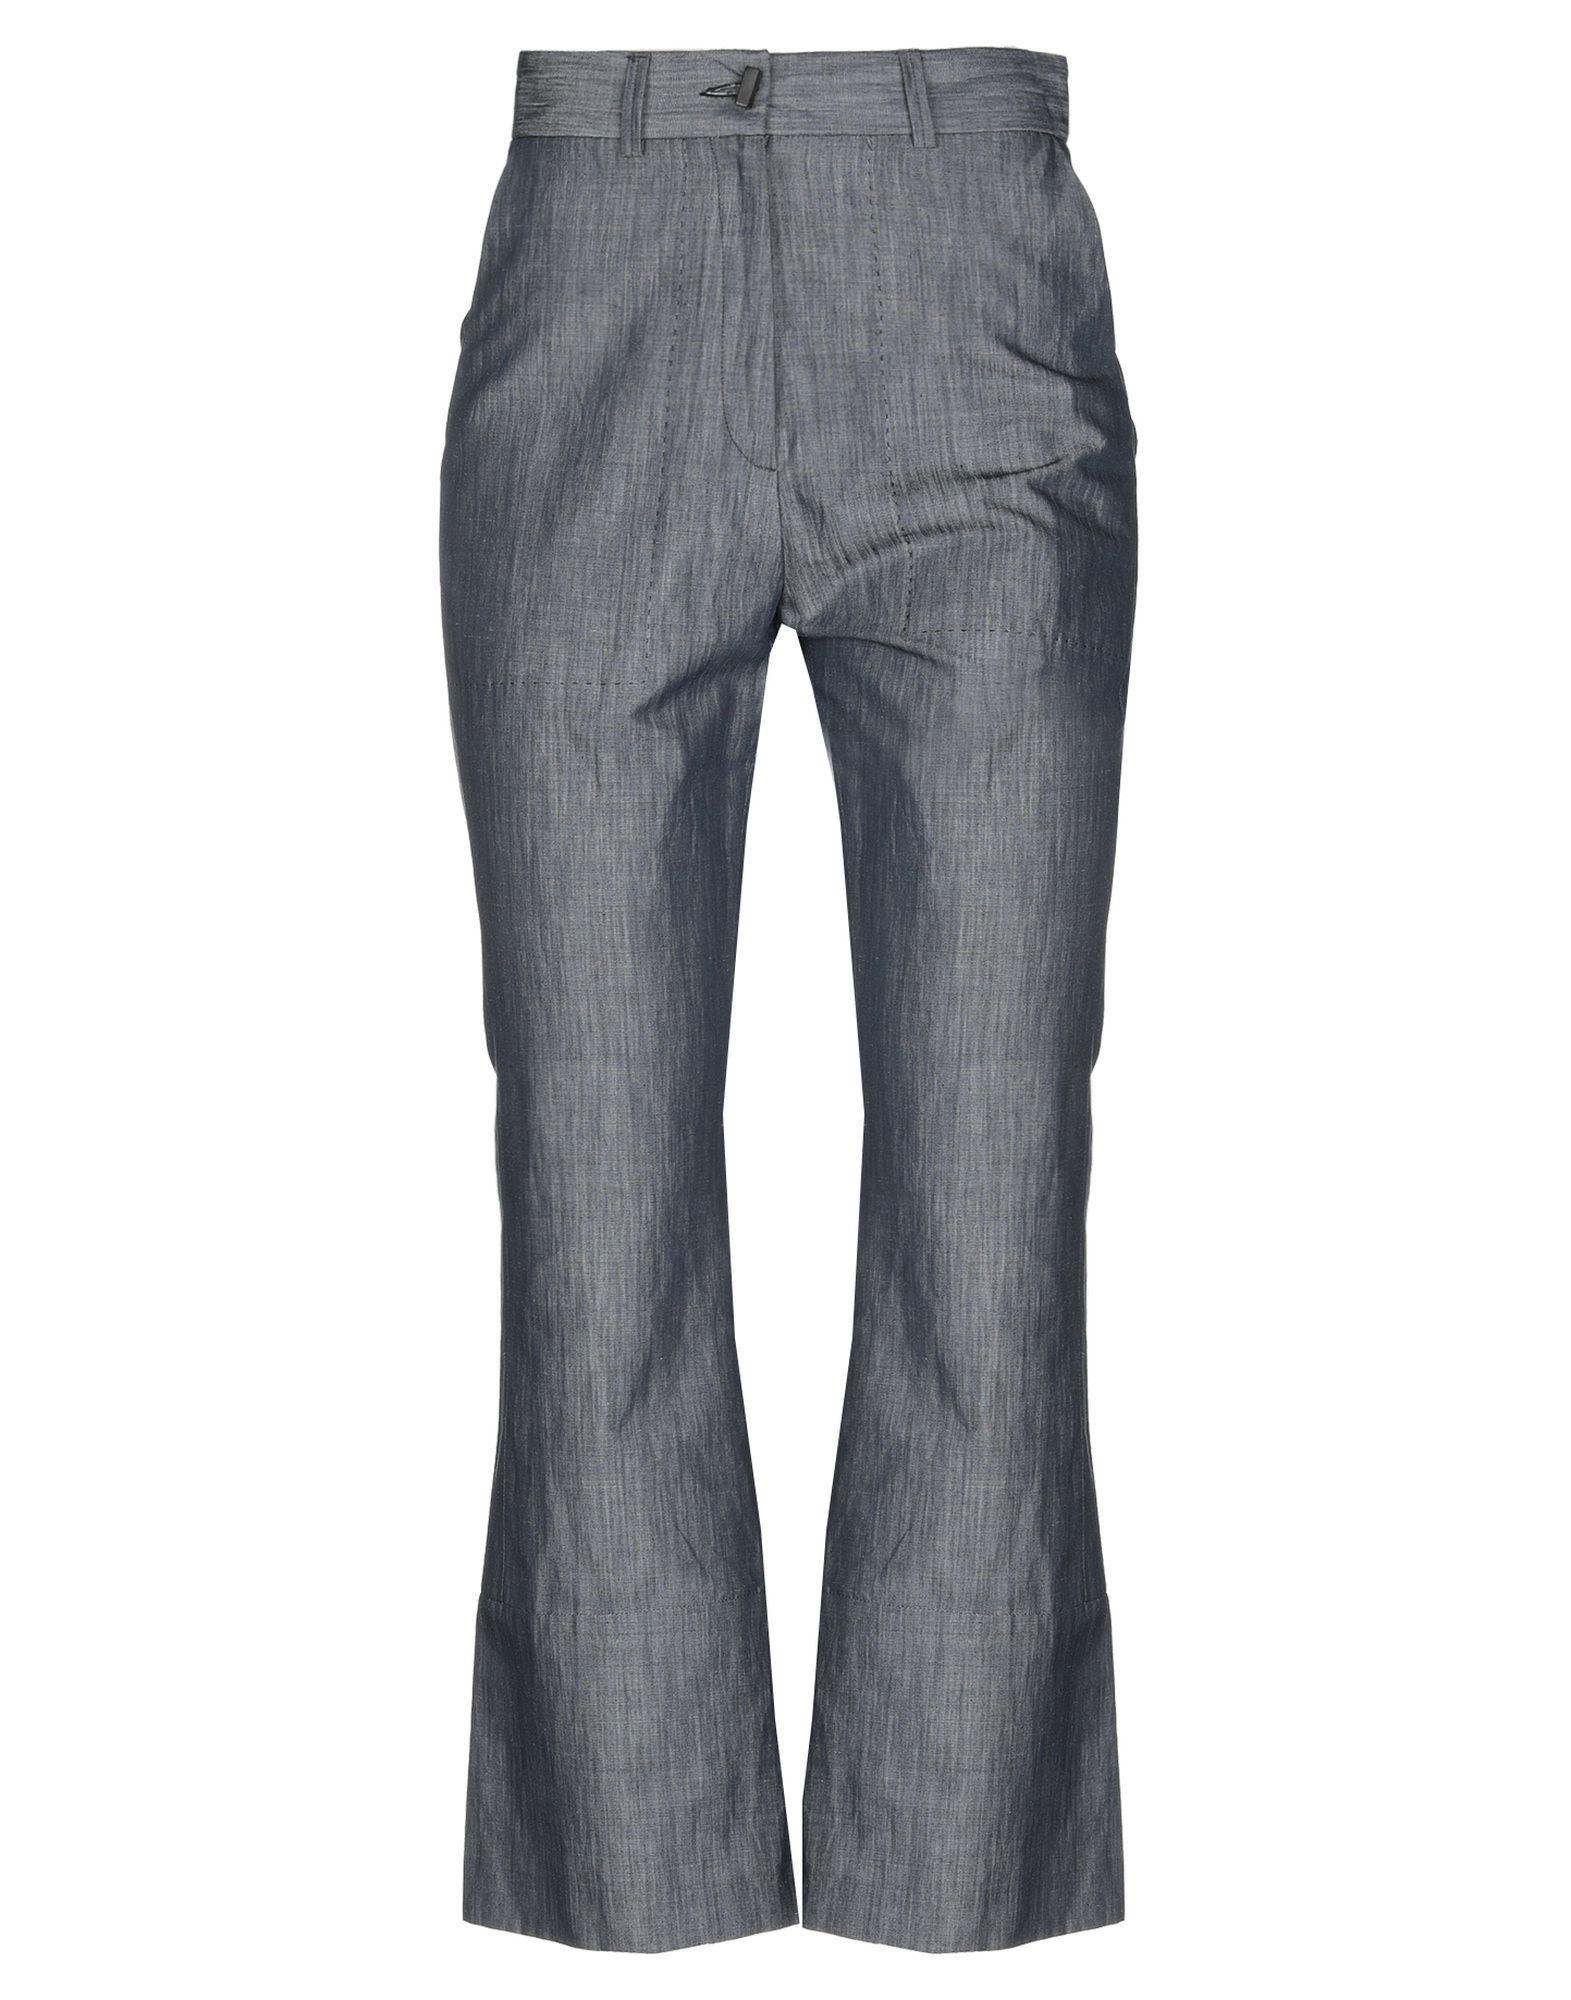 ROBERTA FURLANETTO Джинсовые брюки roberta furlanetto пиджак